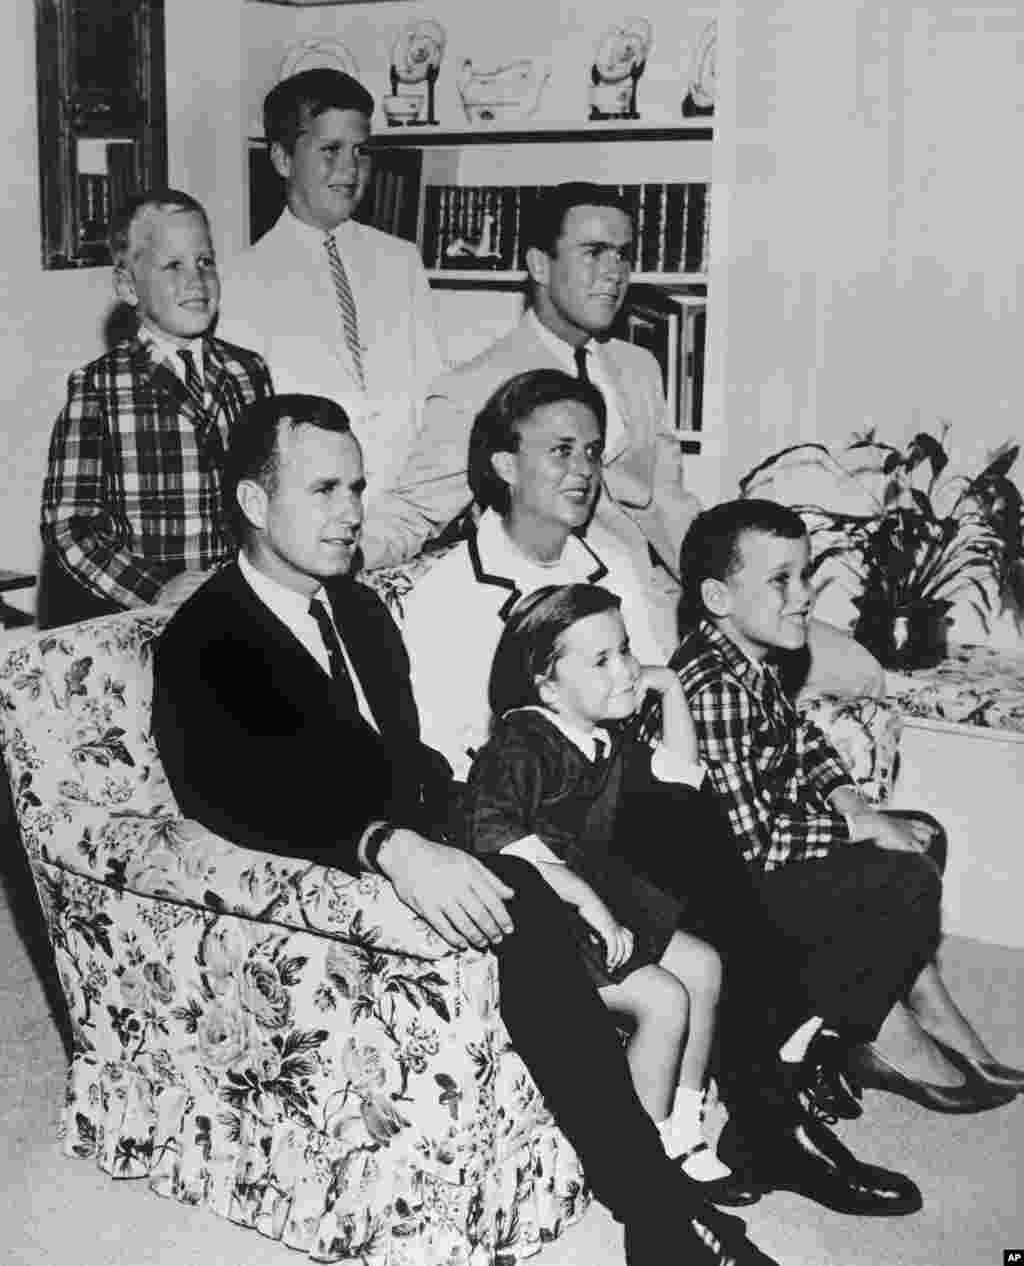 1964年,乔治·布什的全家福照片。小布什坐在母亲右边